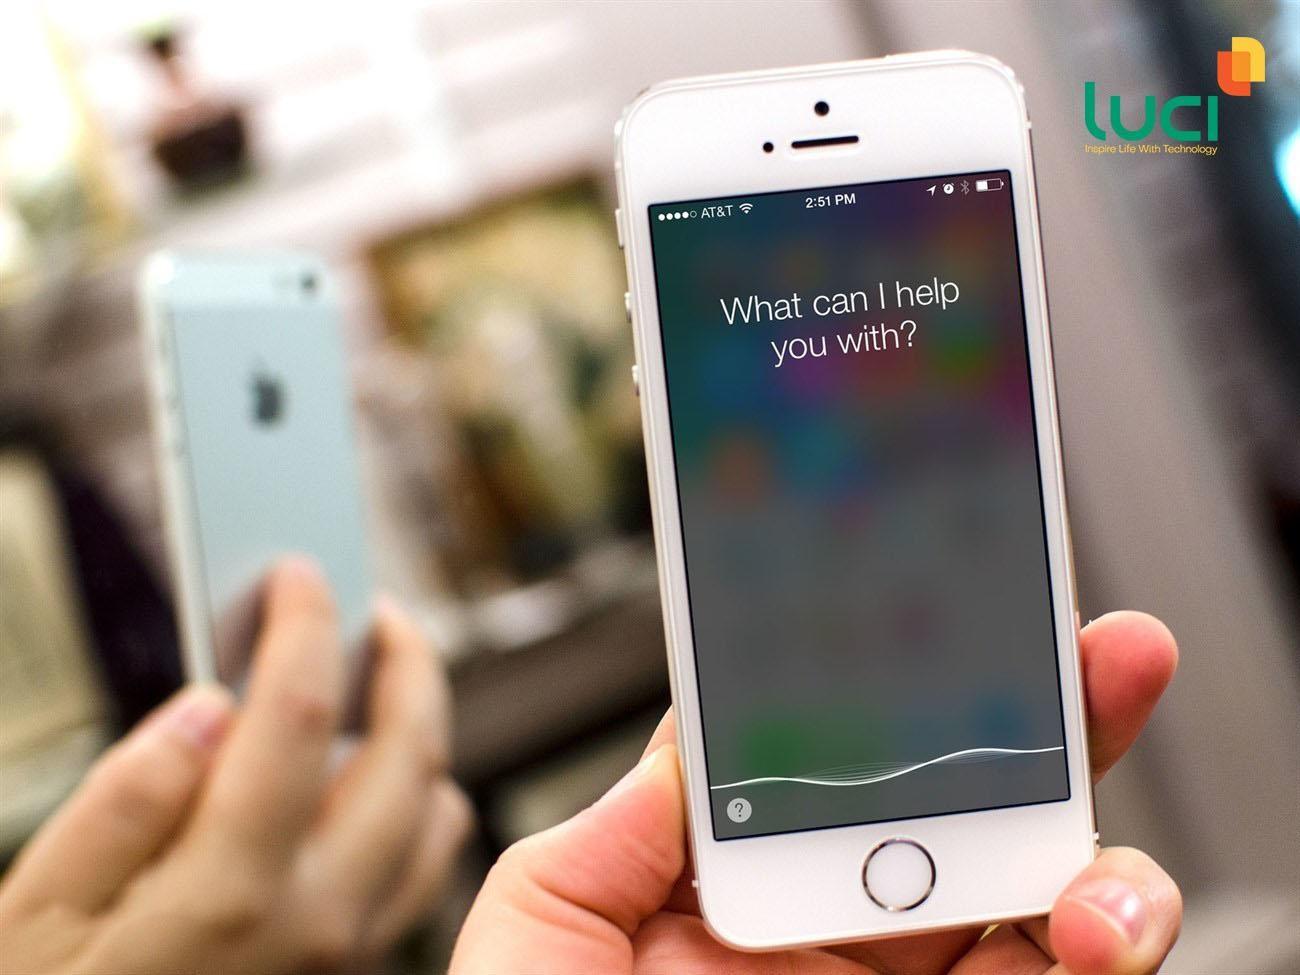 Công nghệ nhận dạng giọng nói ứng dụng trên điện thoại